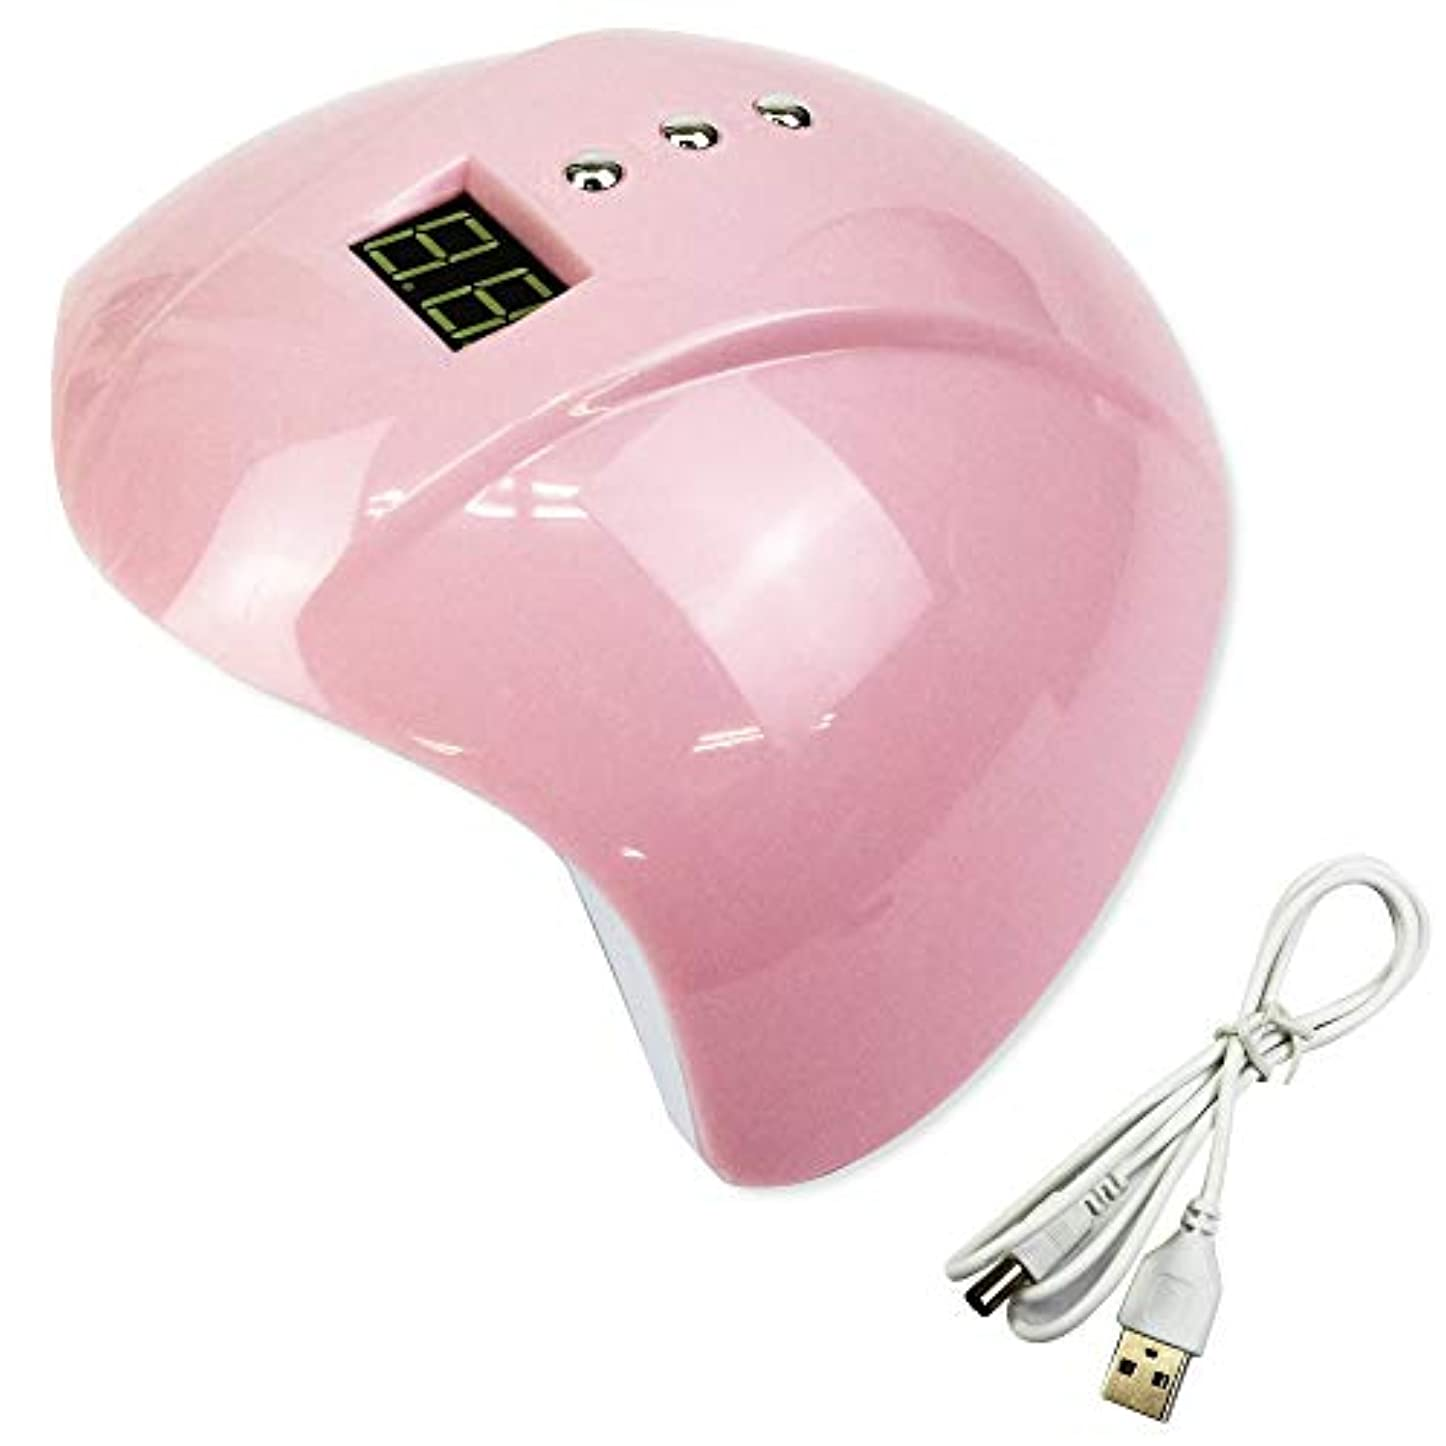 アノイバックやりすぎMUGEN ネイル LEDライト 硬化 ネイルドライヤー ジェルネイル UVライト 3段階タイマー ネイル道具 (ピンク)